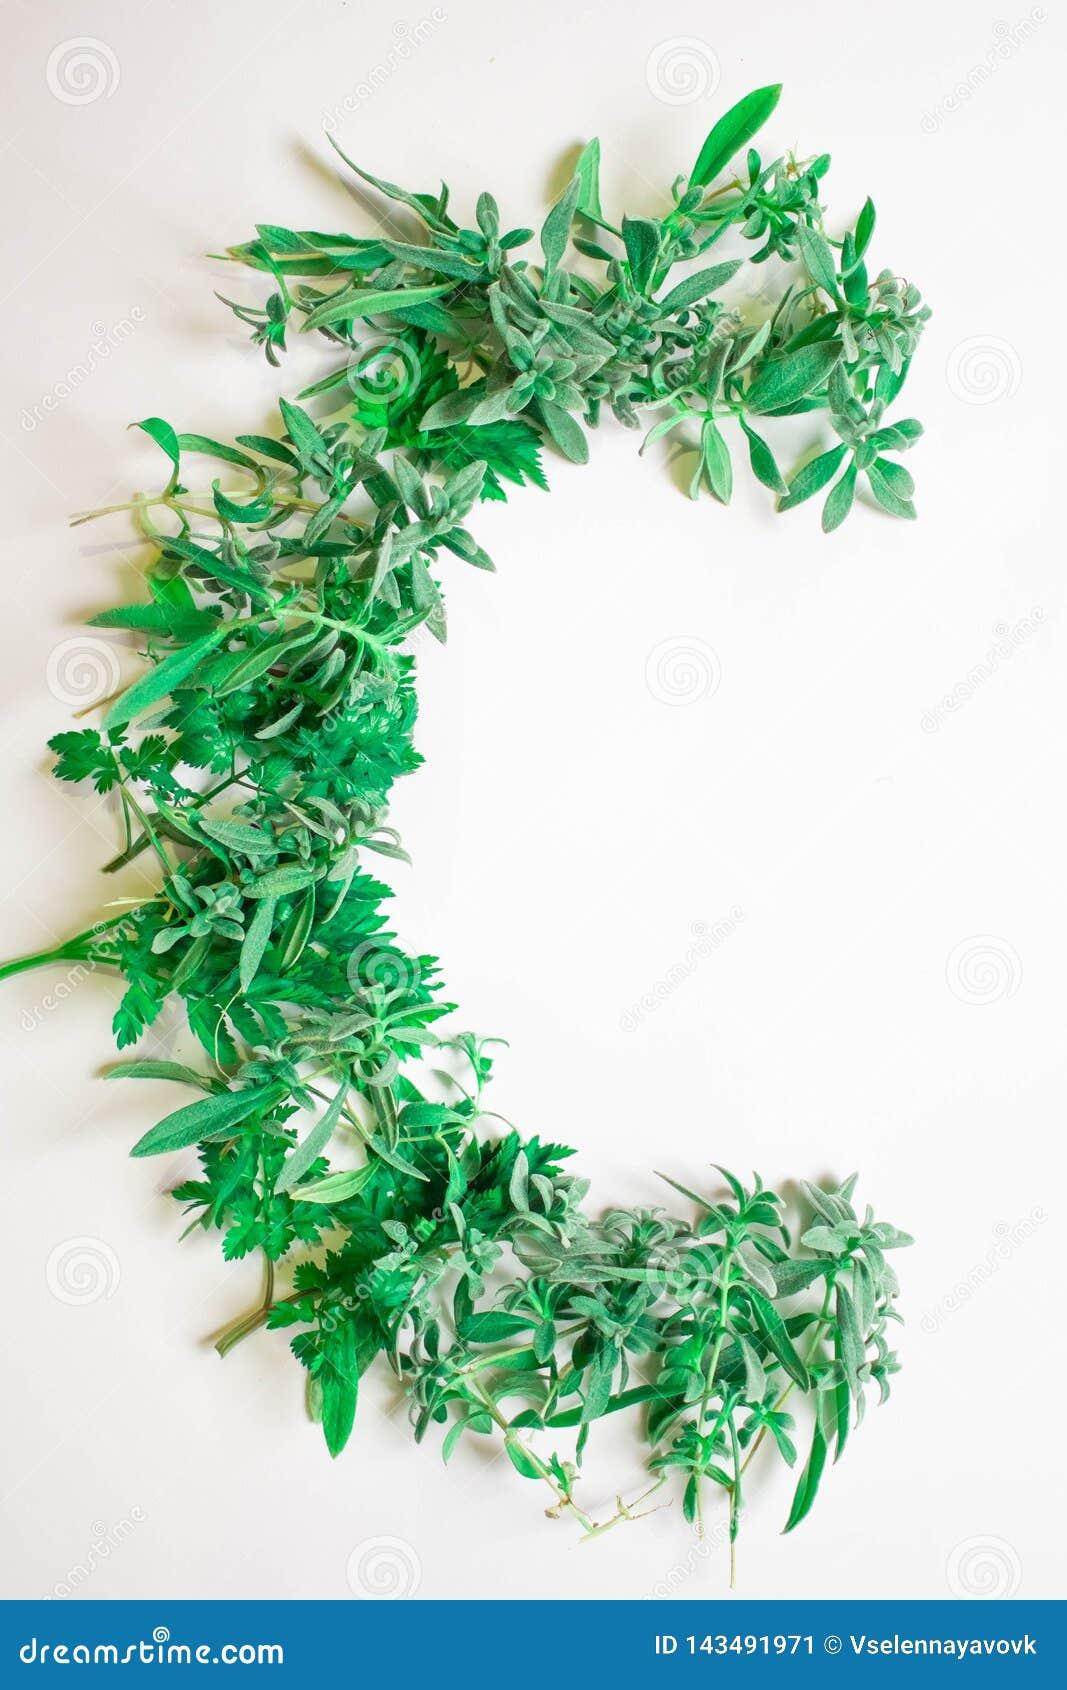 Alfabeto verde de la hierba, de brotes y de hojas Letras estacionales del verano con Letra C de las plantas frescas verdes